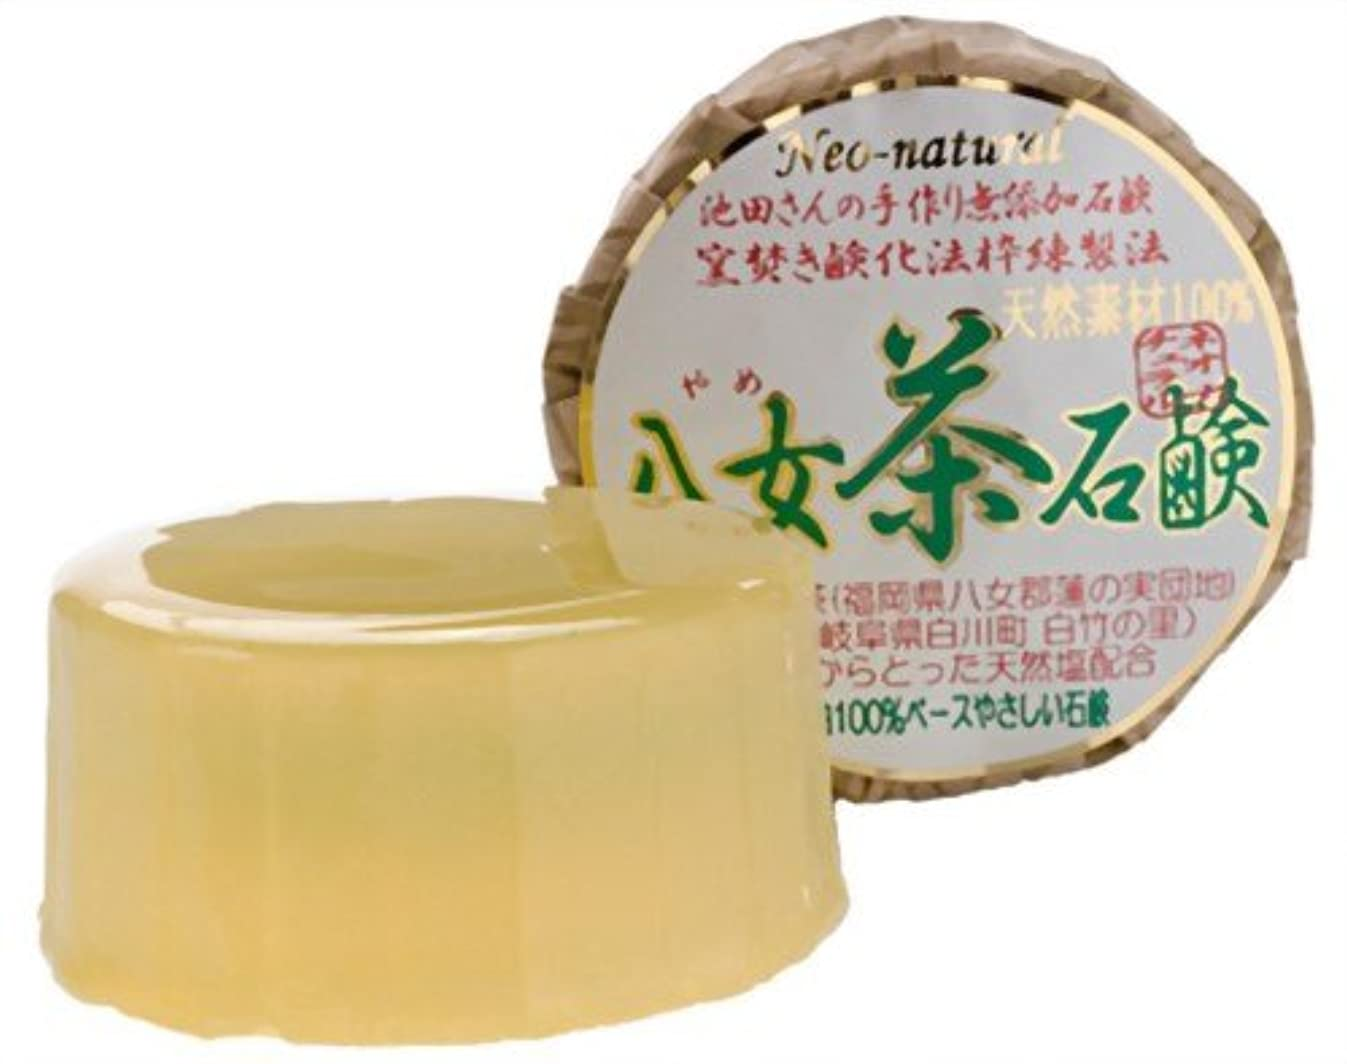 ドレイン罪強調ネオナチュラル 池田さんの八女茶石鹸 80g